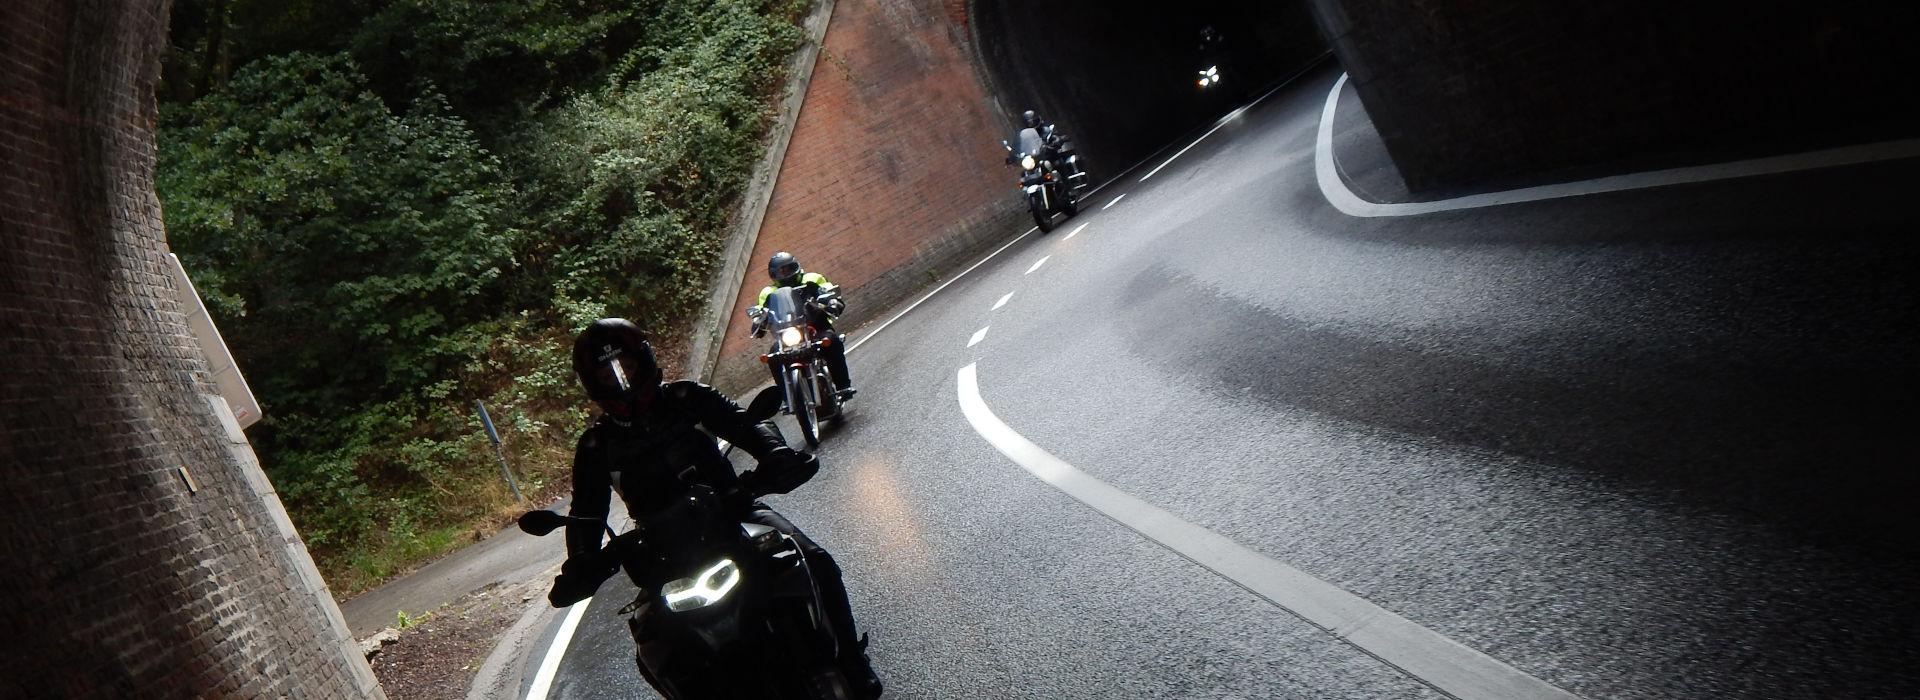 Motorrijbewijspoint Bergschenhoek spoed motorrijbewijs